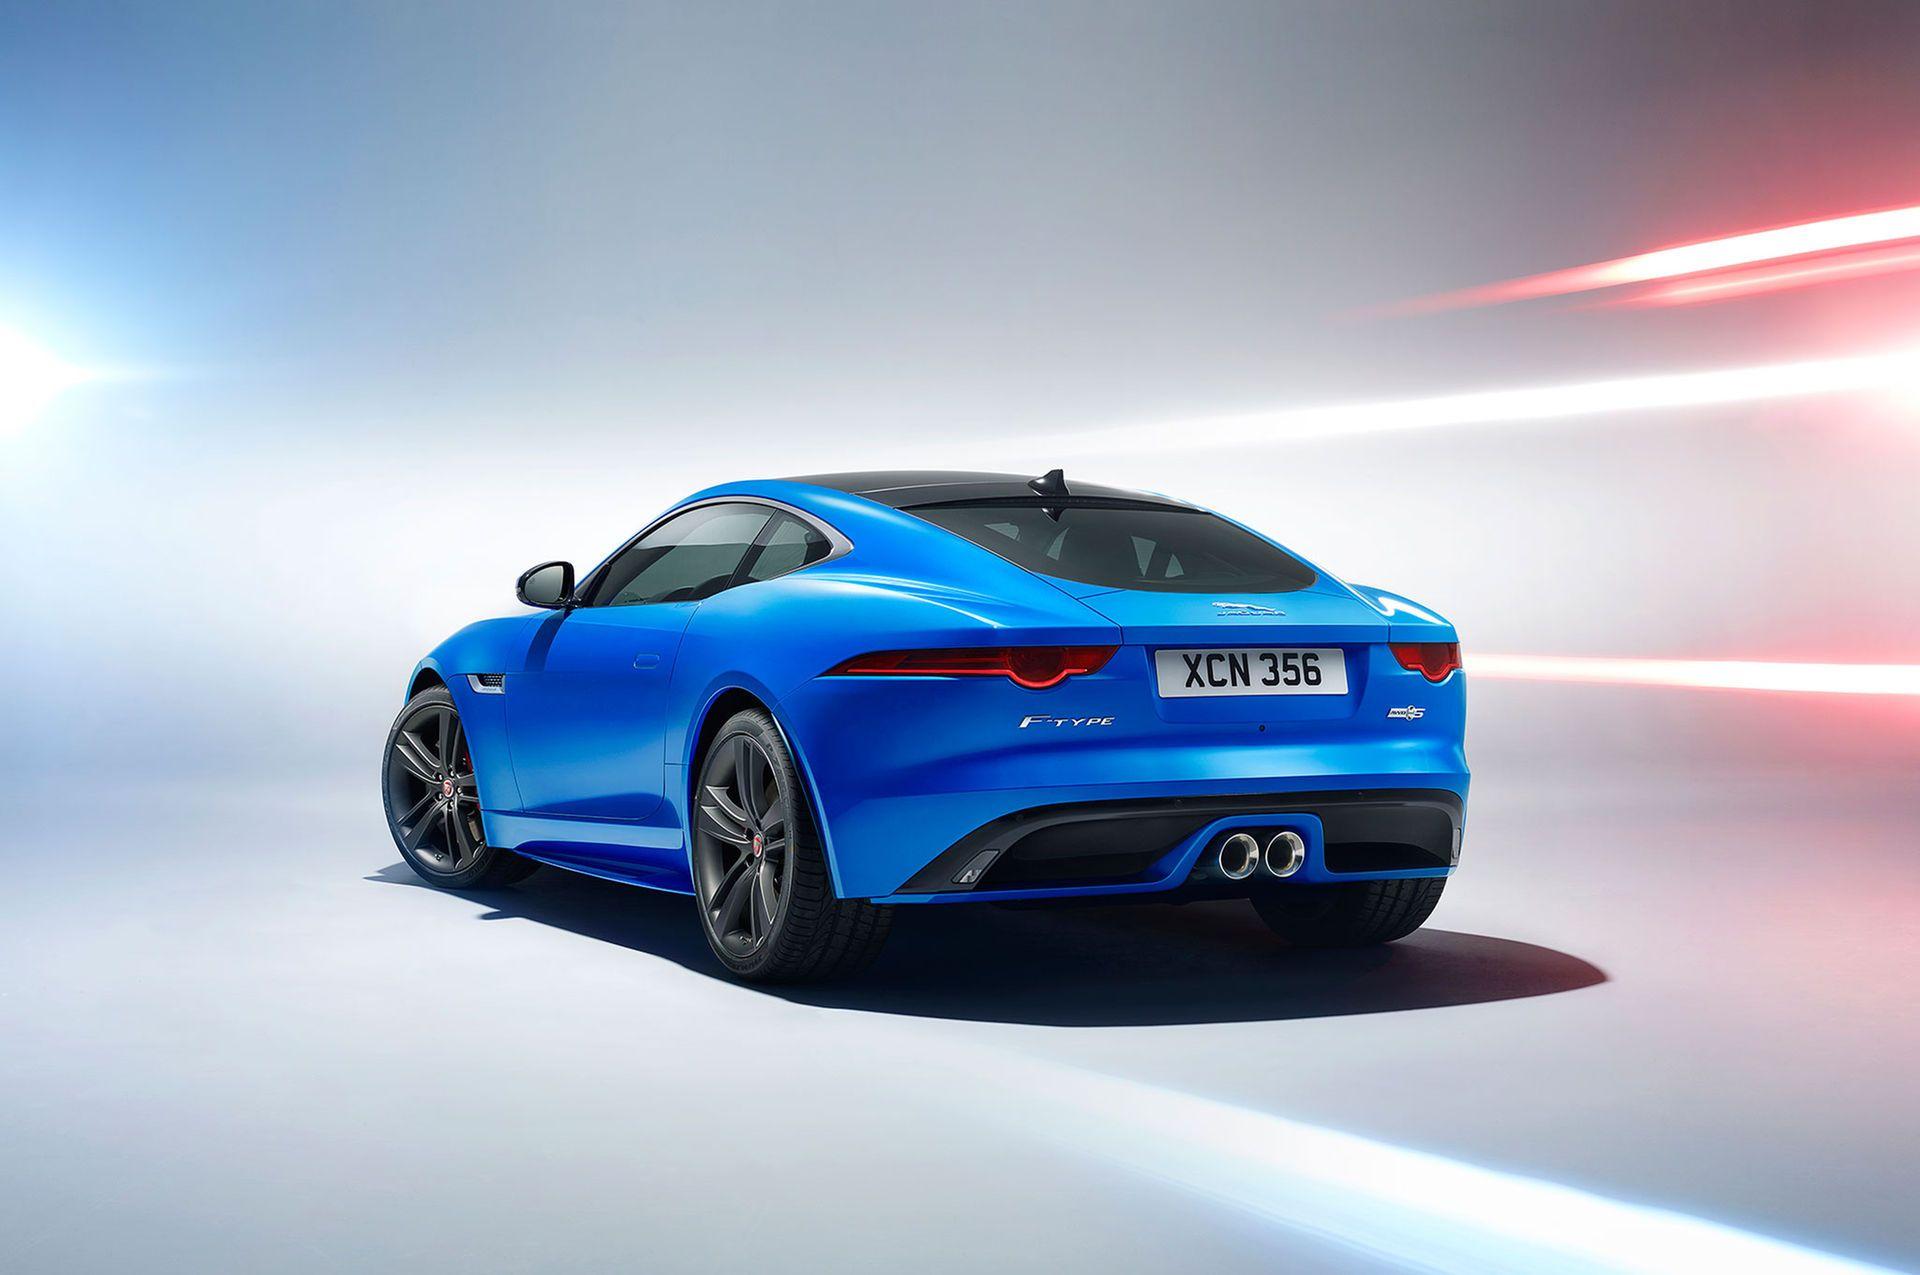 2017 Jaguar F Type S British Design Edition Launches For U K Jaguar F Type Jaguar British Design